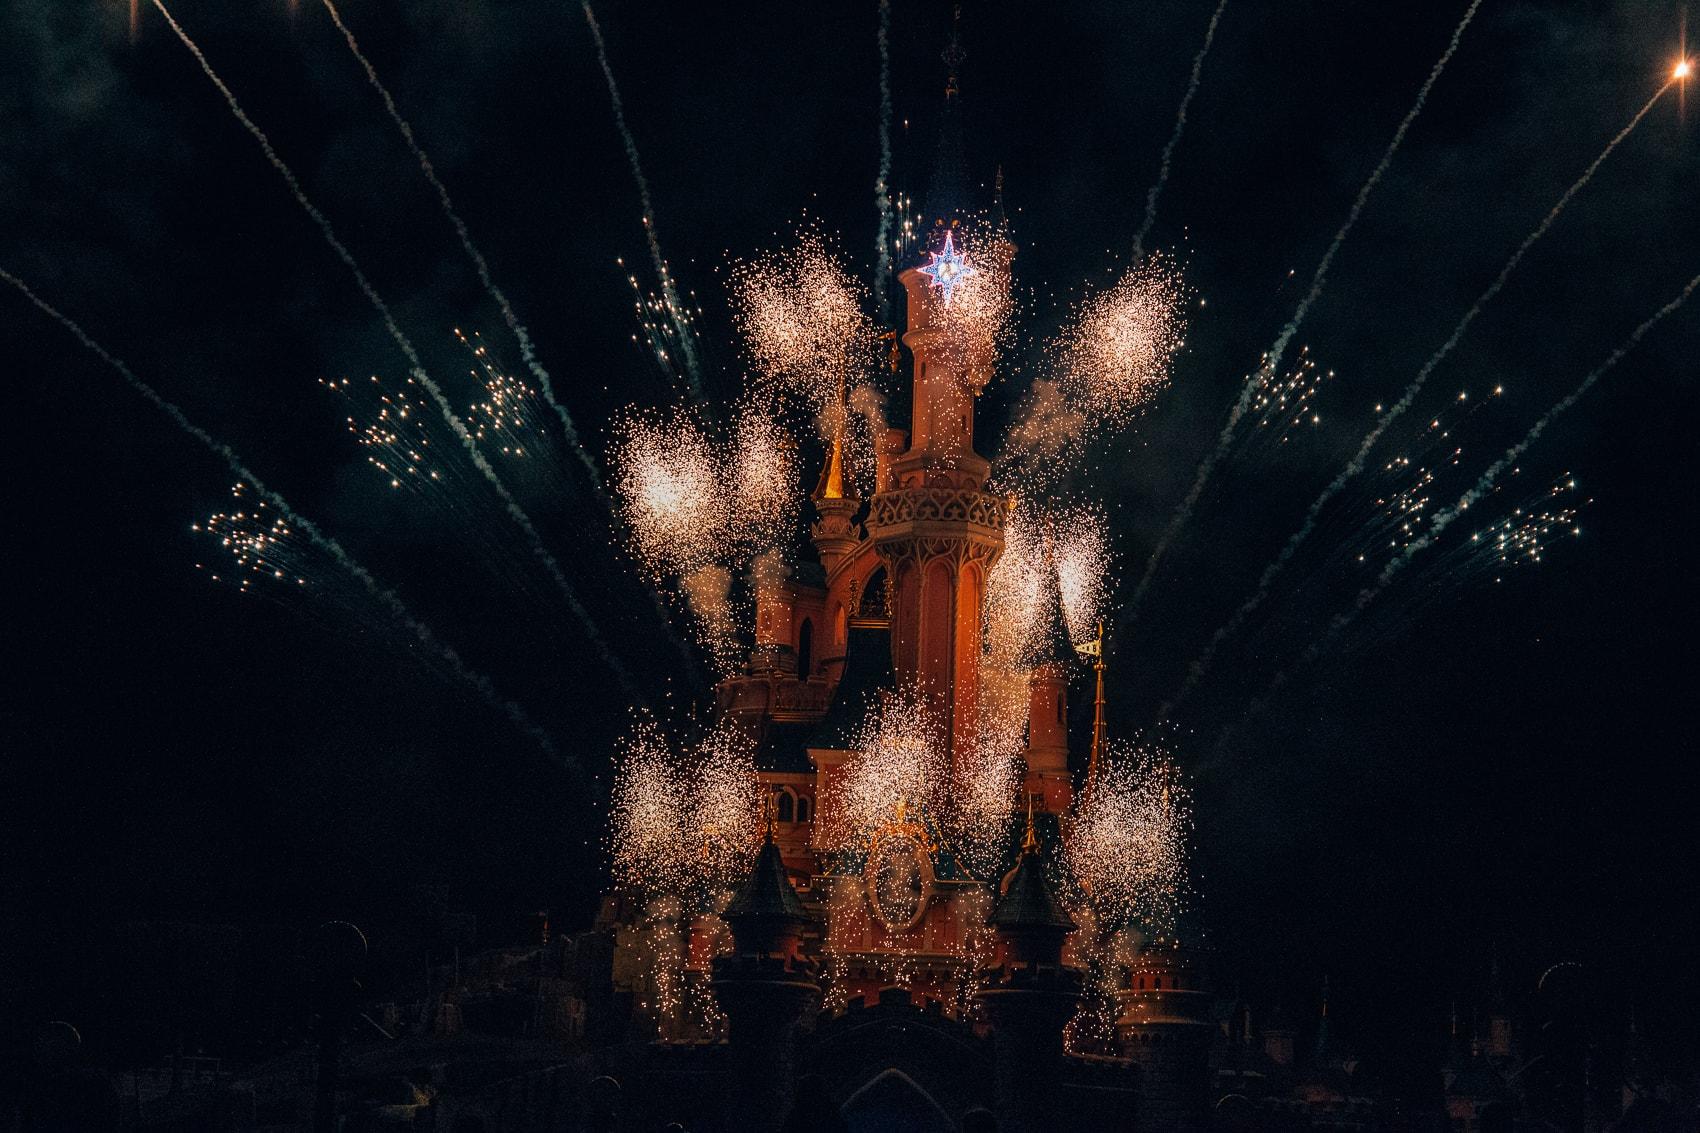 Walt Disney World Orlando is calling - meine Bucket List